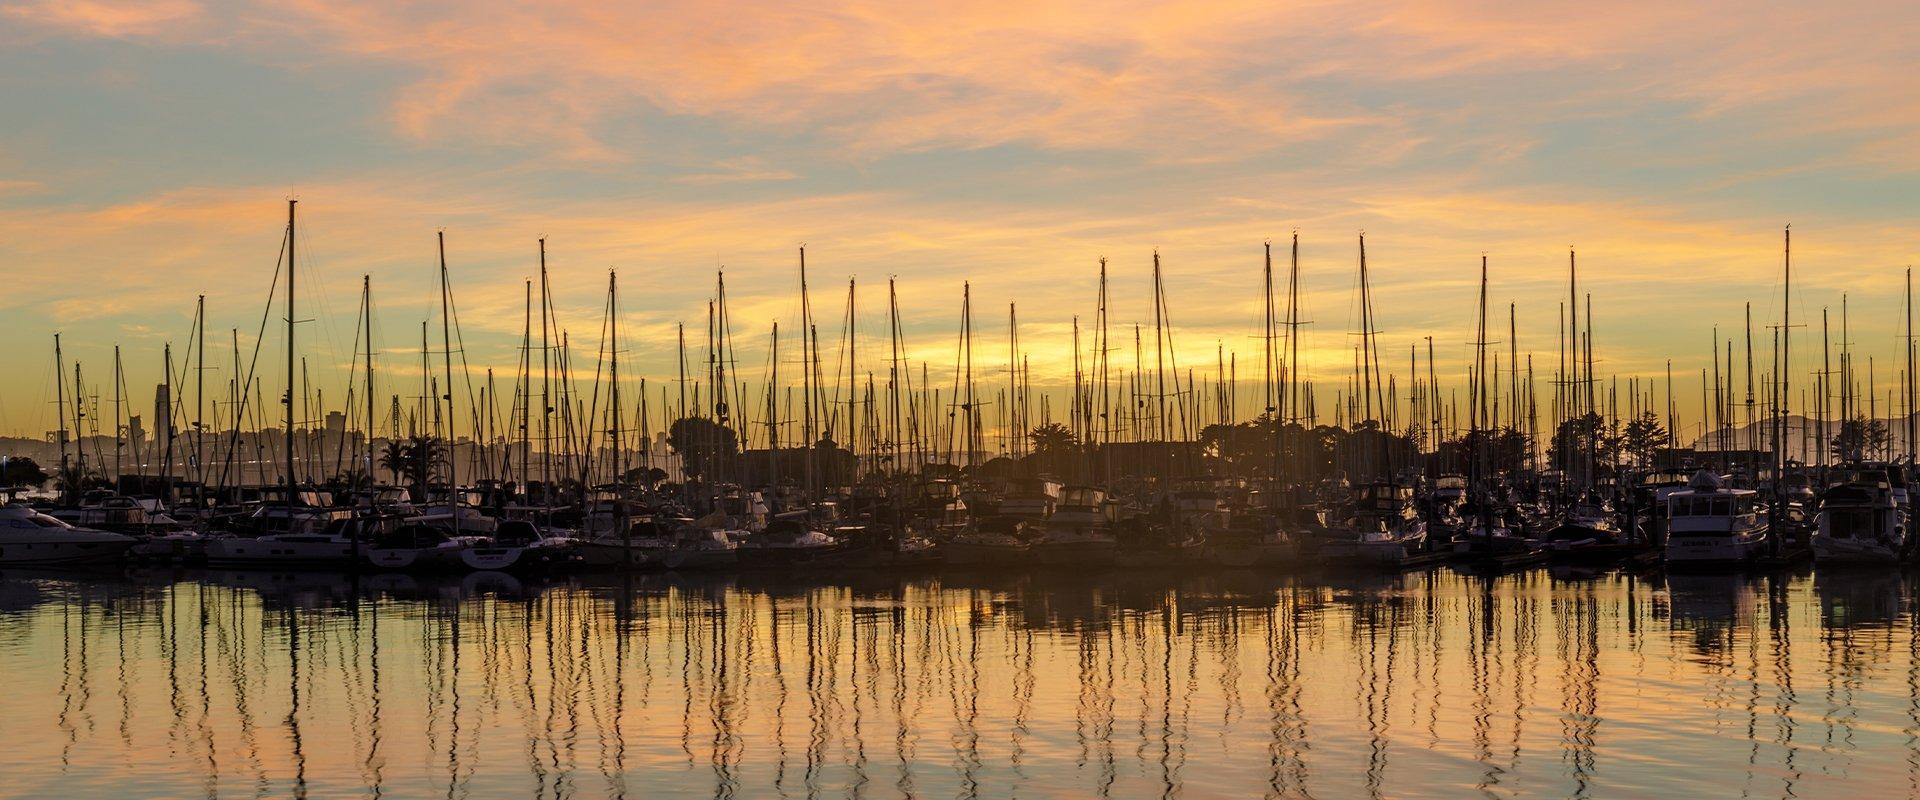 a marina in alameda california